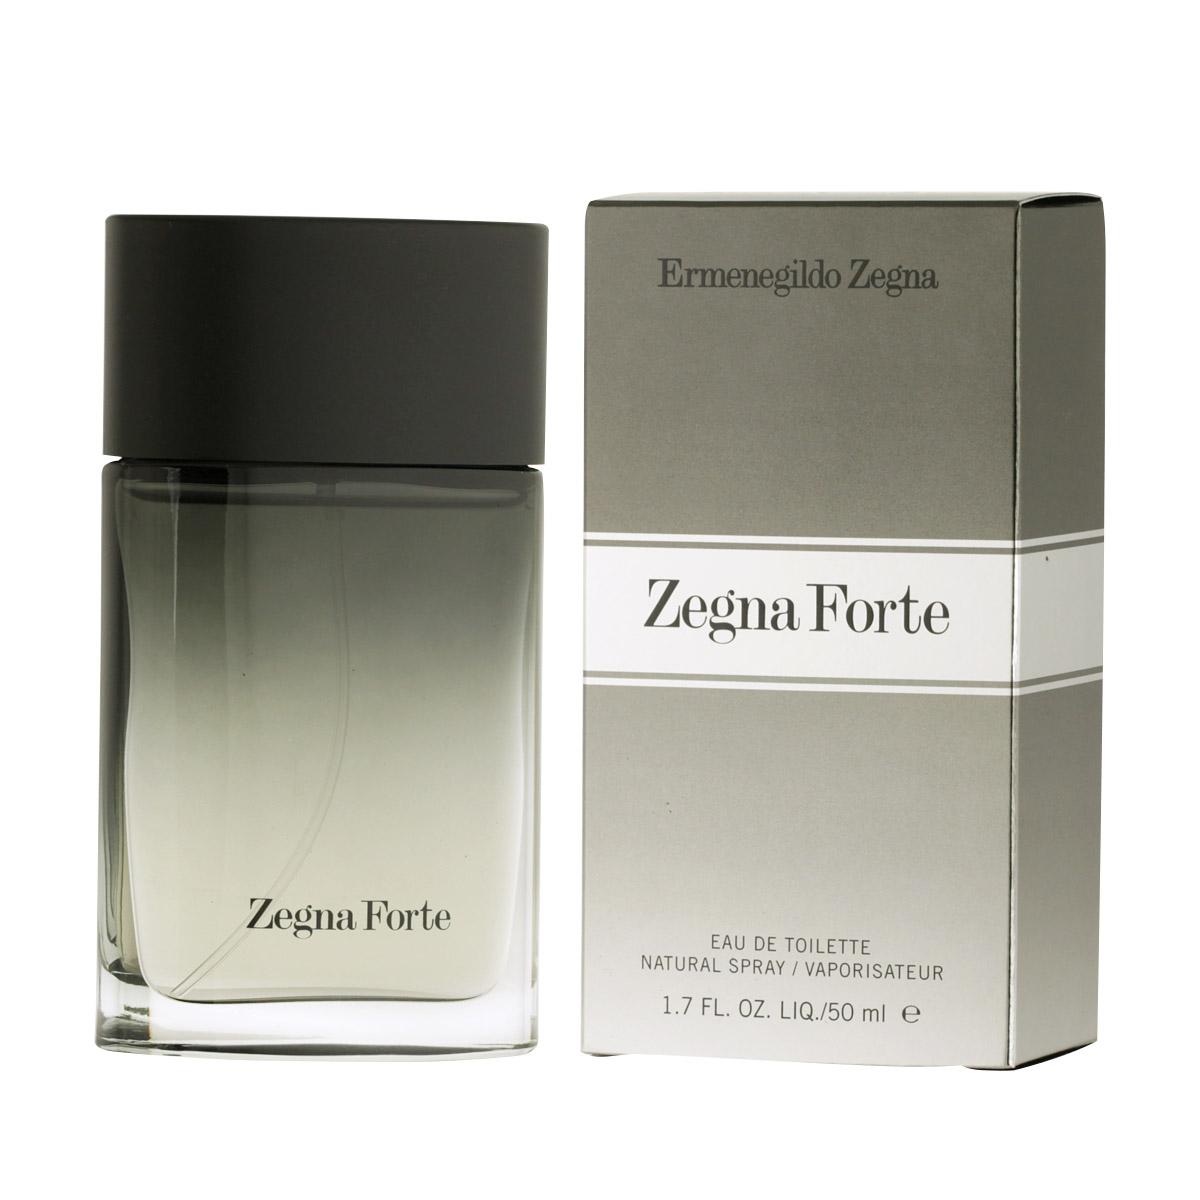 Ermenegildo Zegna Forte EDT 50 ml M